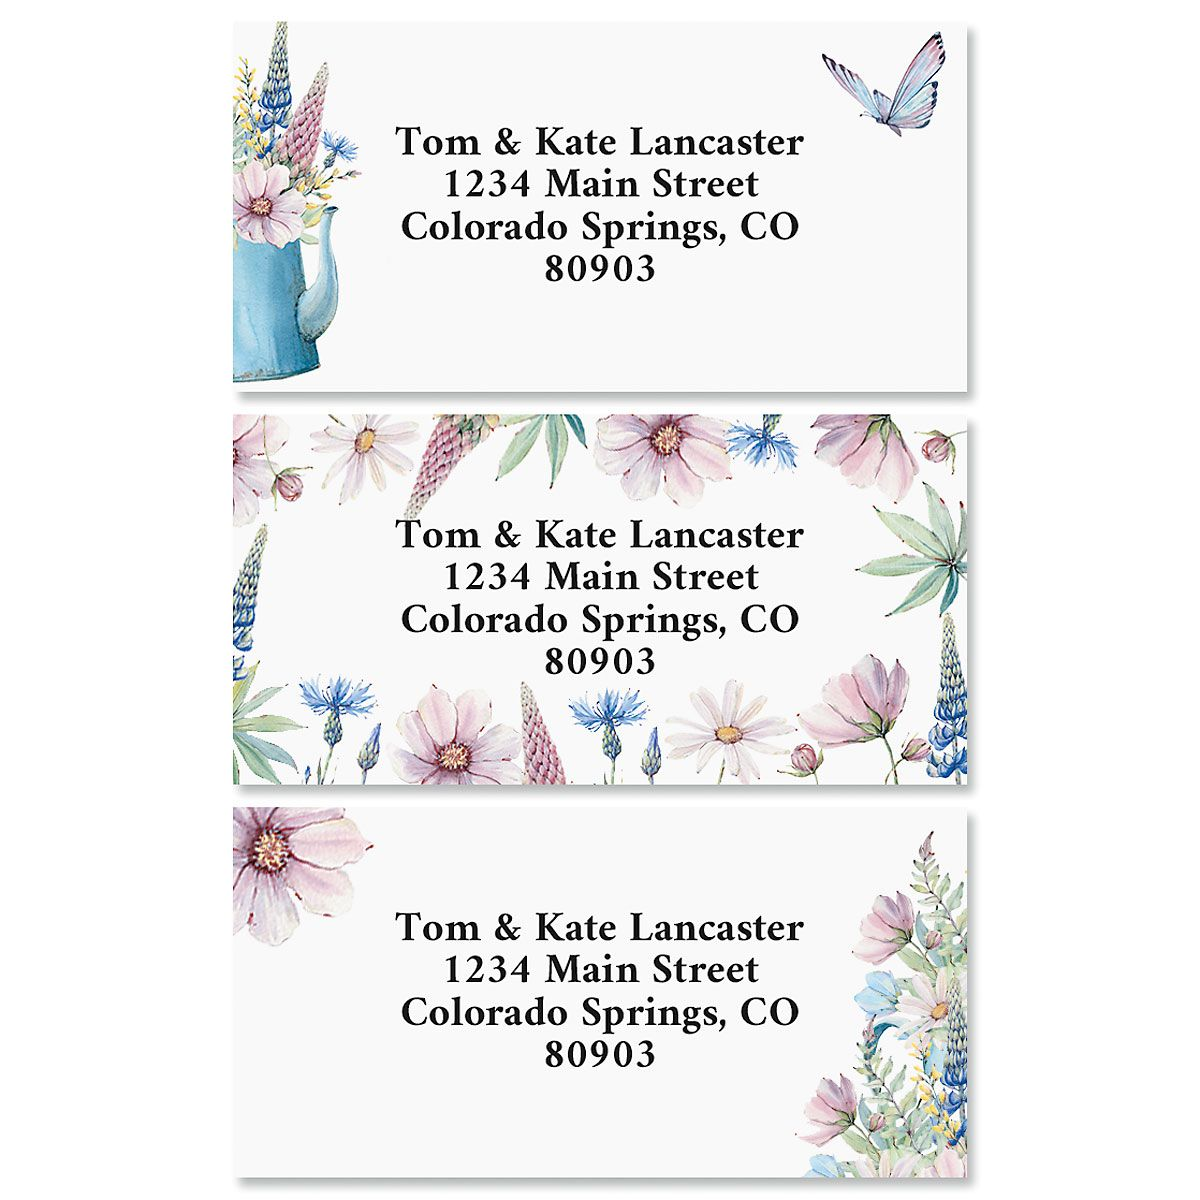 Spring Kettle Border Return Address Labels (3 Designs)